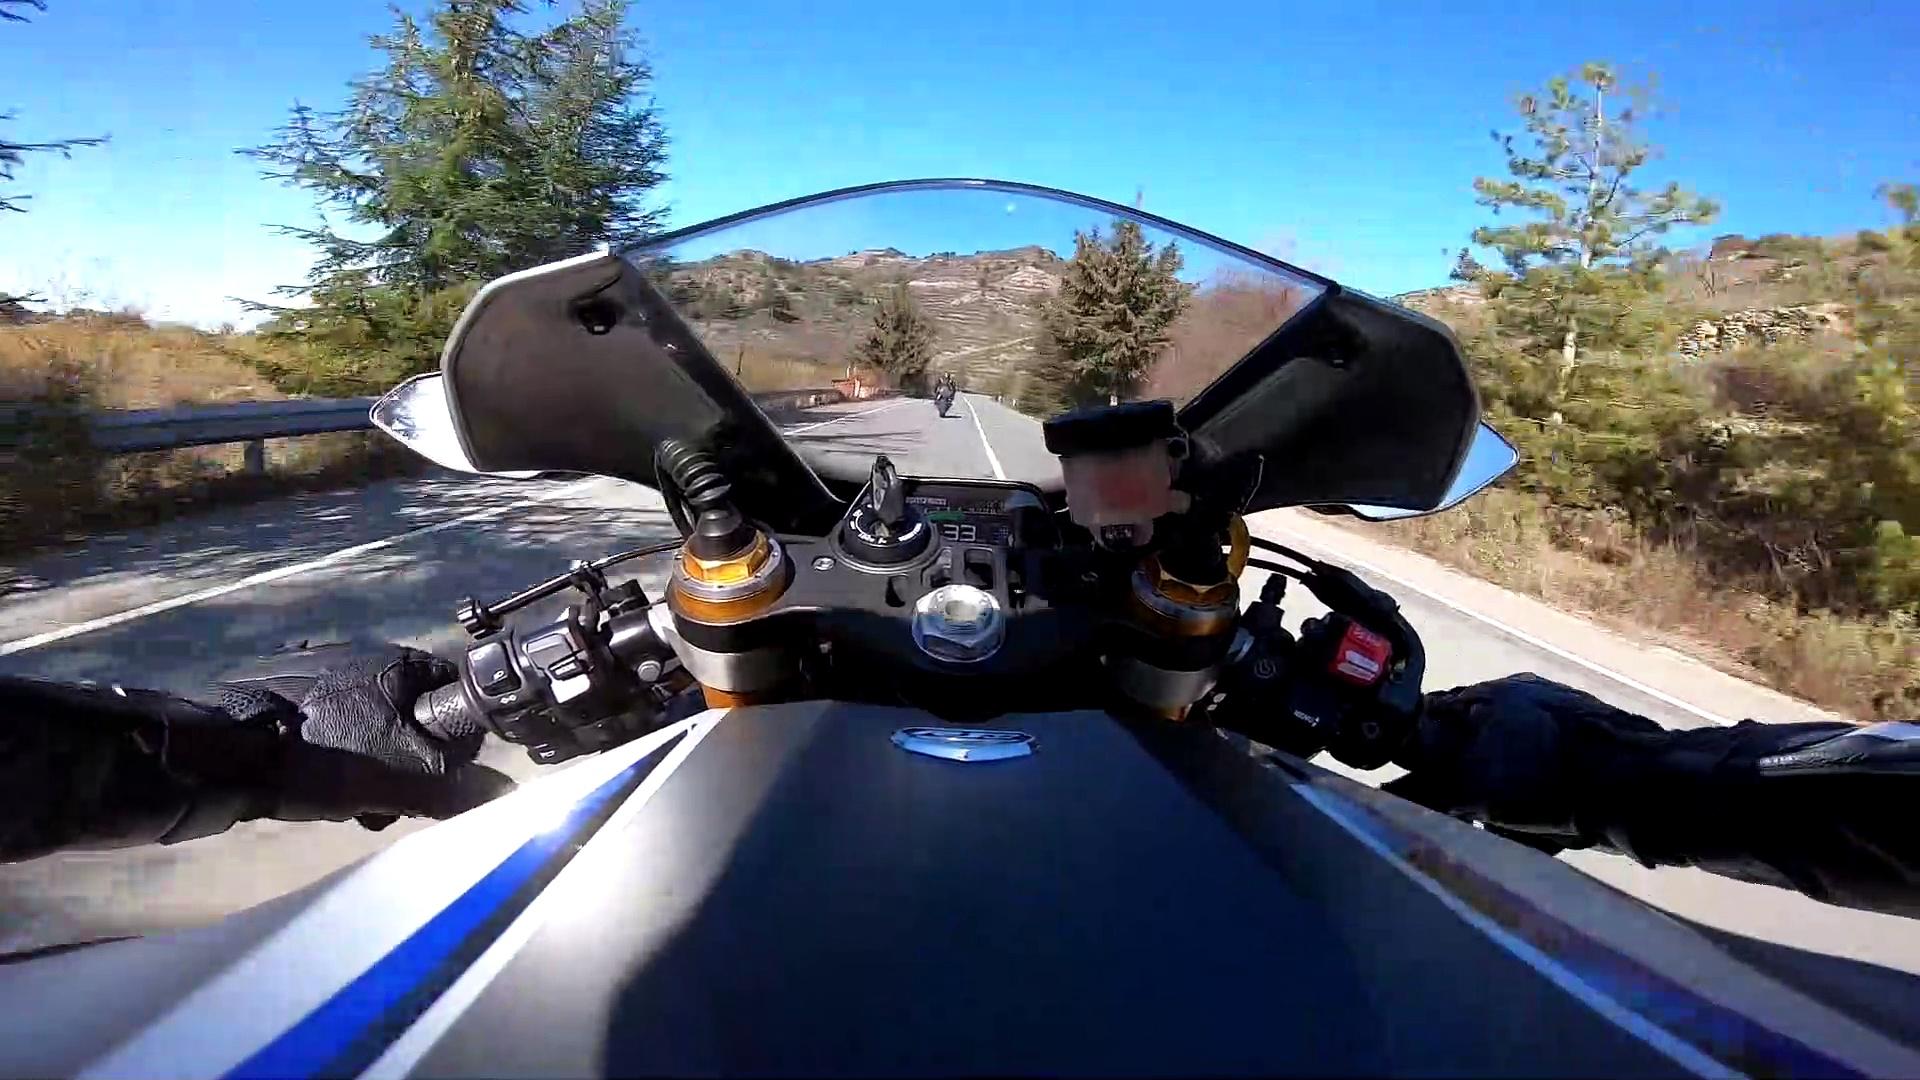 Yamaha R1 Following Yamaha R6